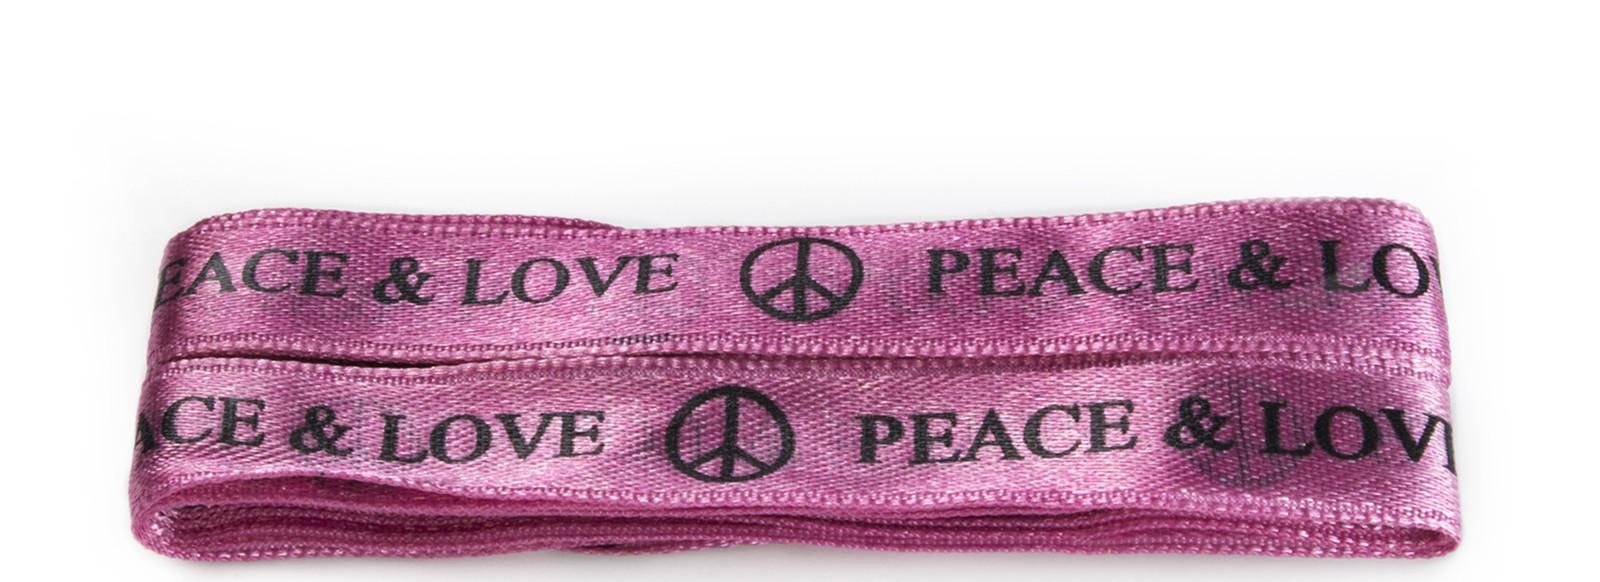 Fashion Peace & Love